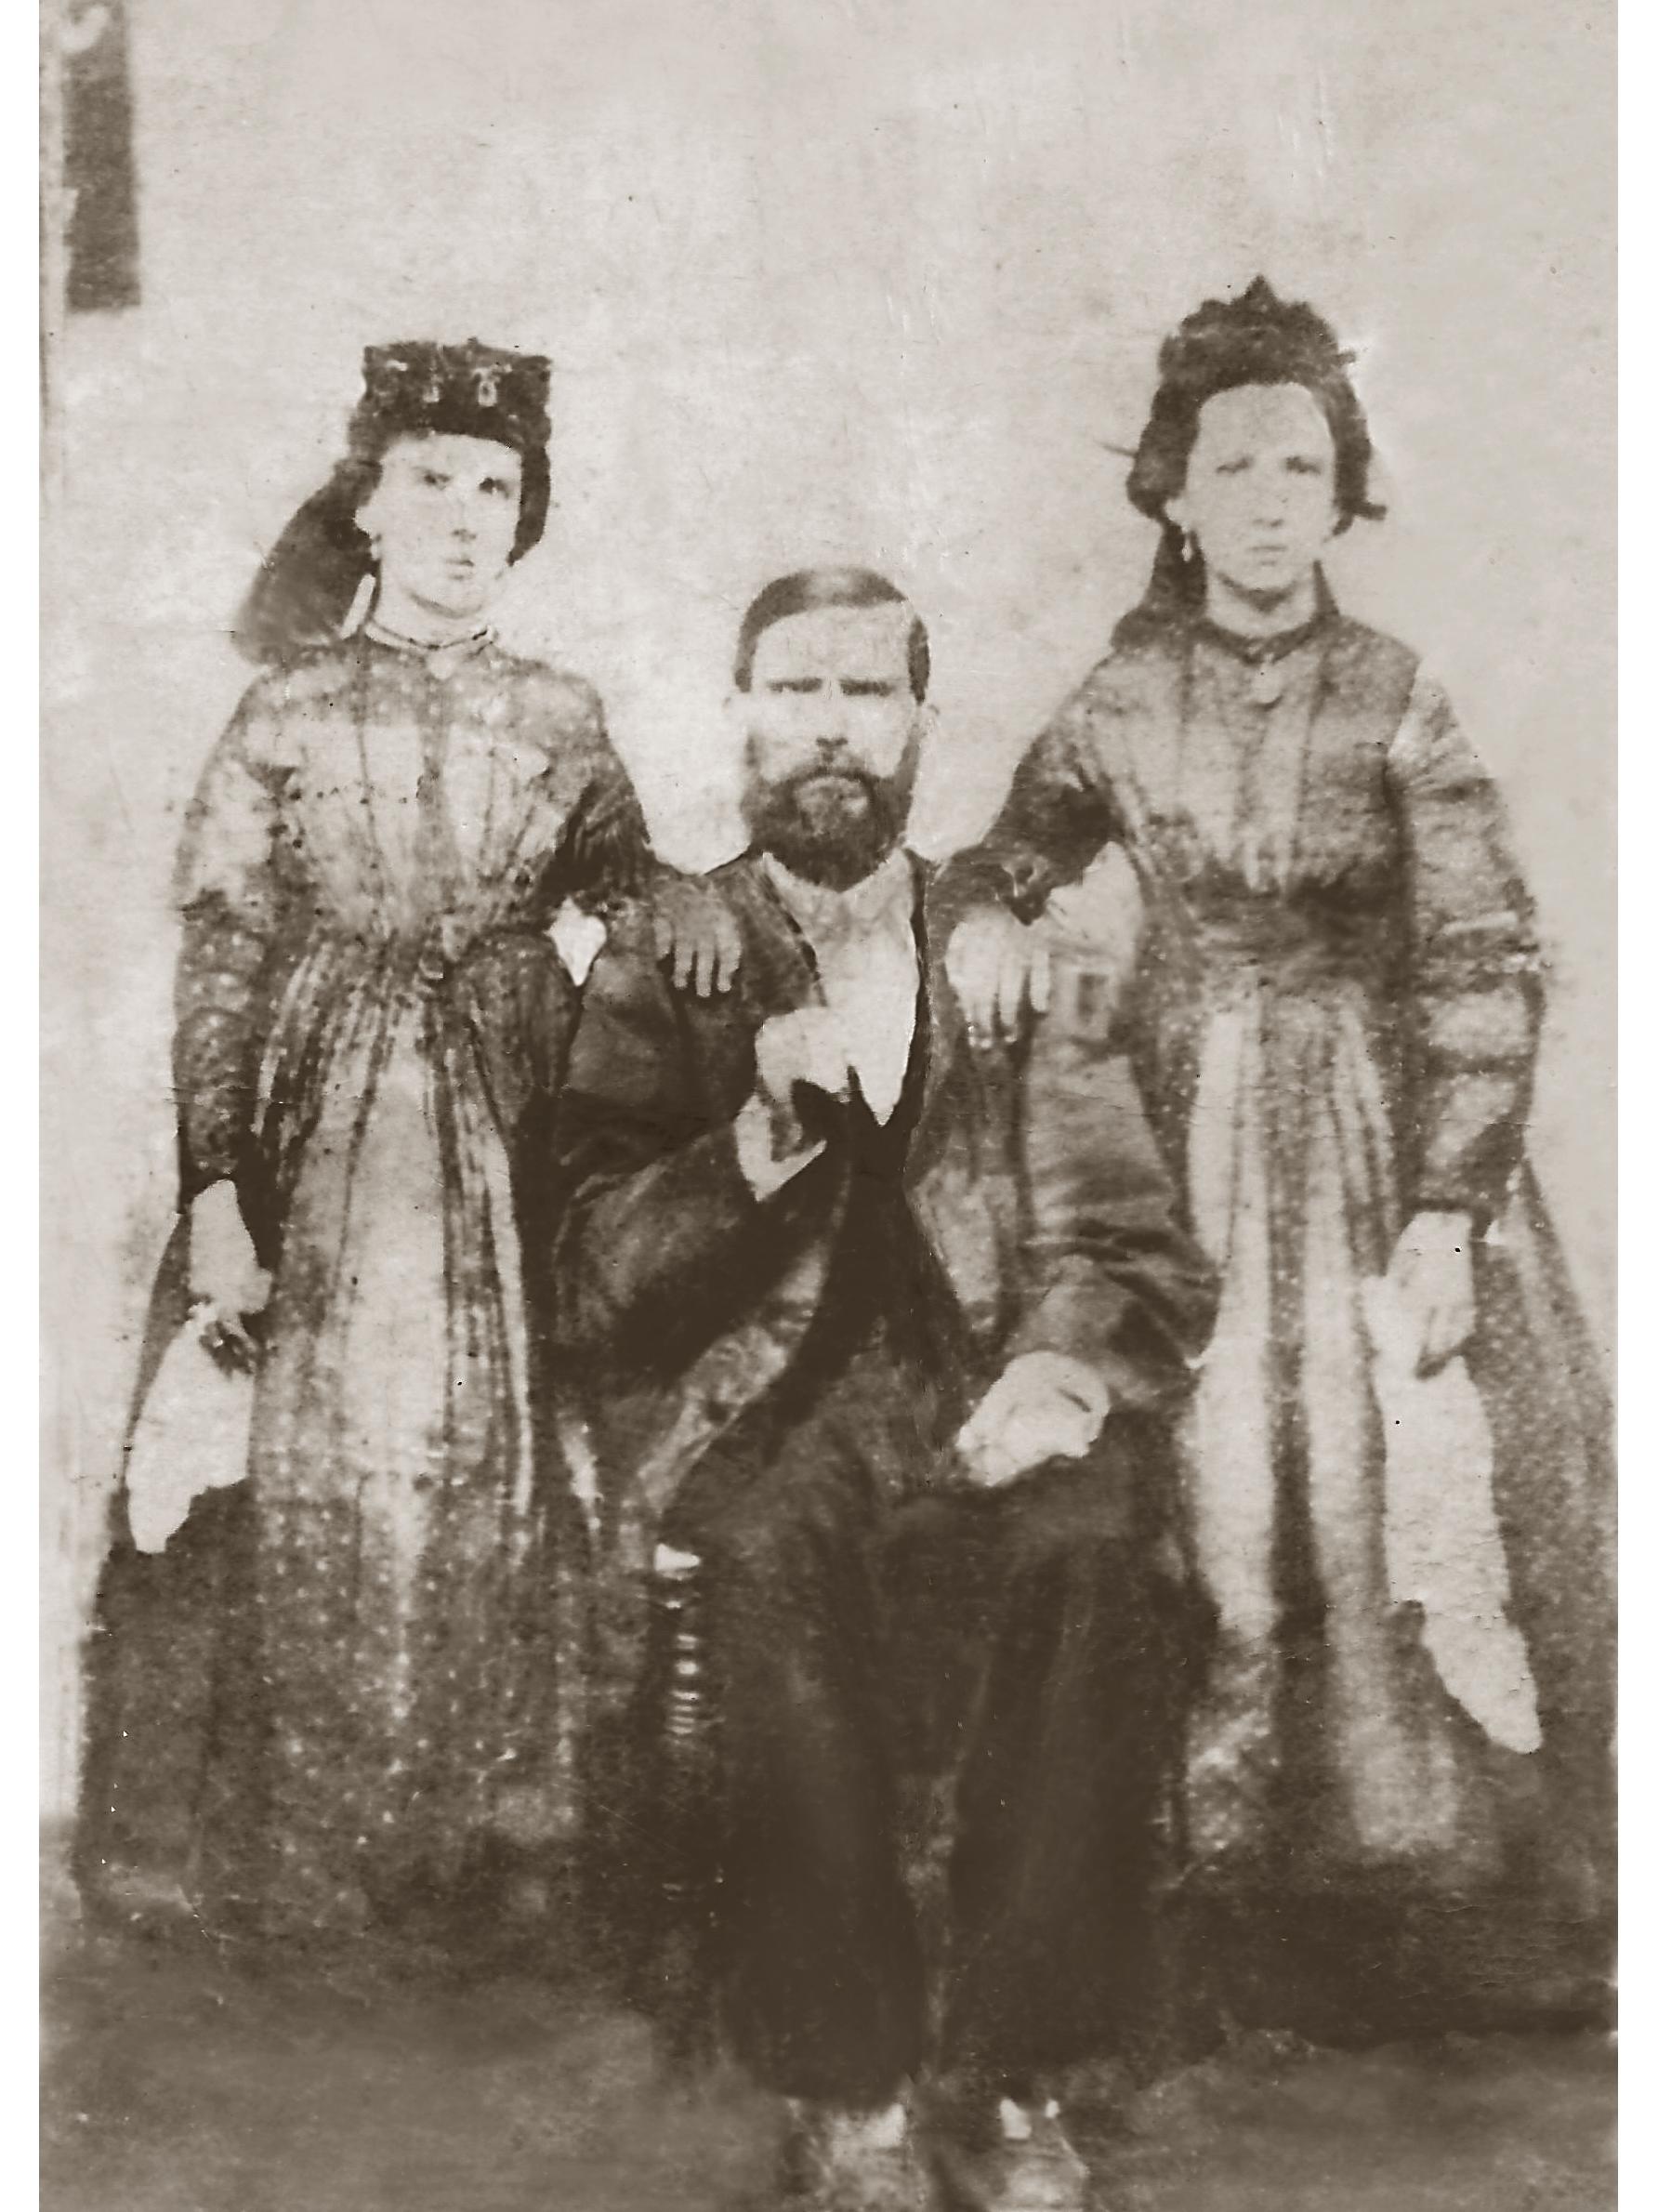 Una foto rinvenuta nell'archivio familiare di Jaime Lastra a Barranquilla, Colombia. Secondo lo storico della fotografia J. Barzurna, èlecito pensare che si tratti di Geronimo Lagomarsino, alias, Carbonò.